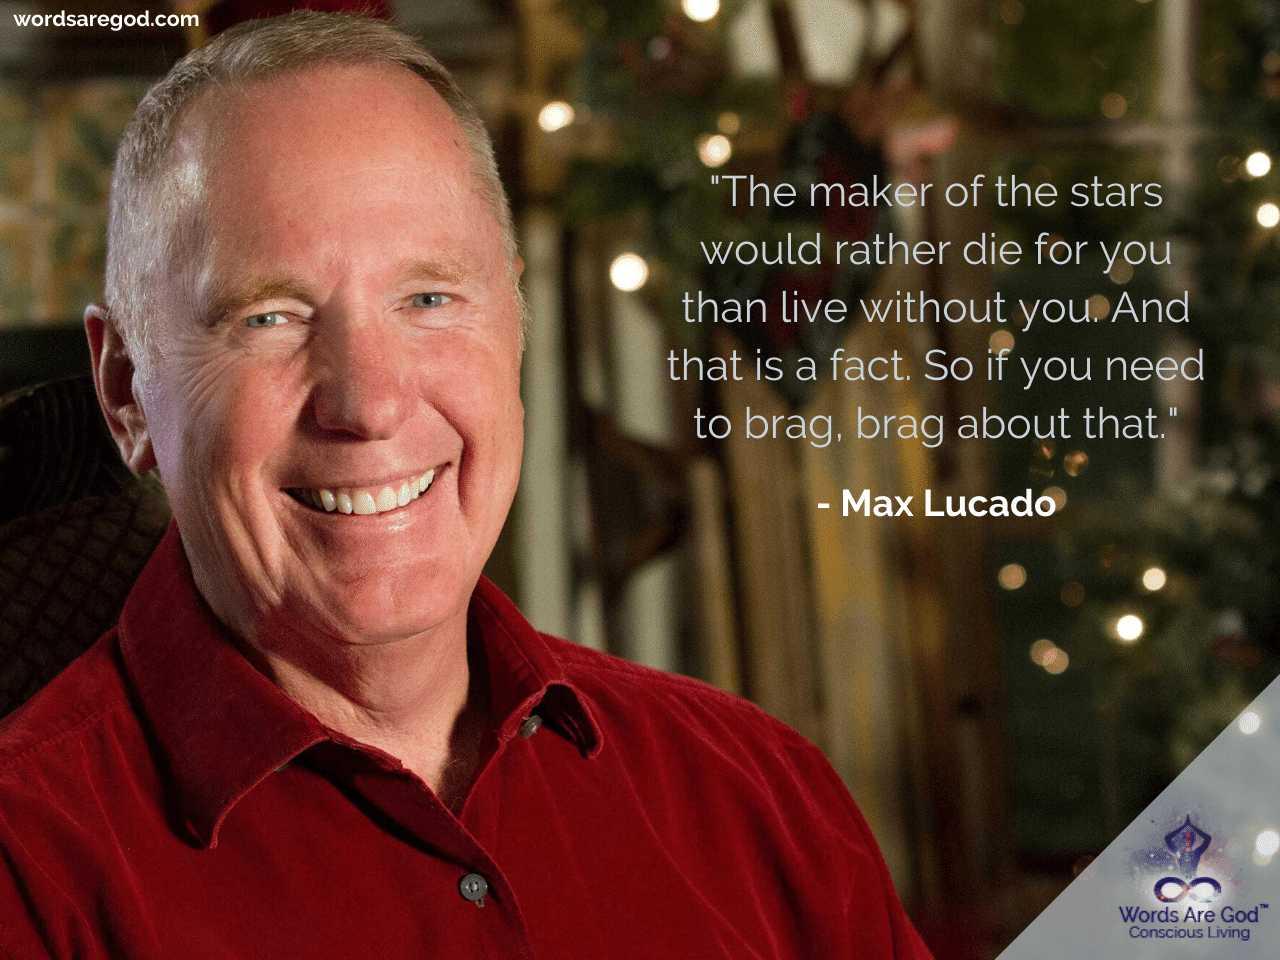 Max Lucado Life Quotes